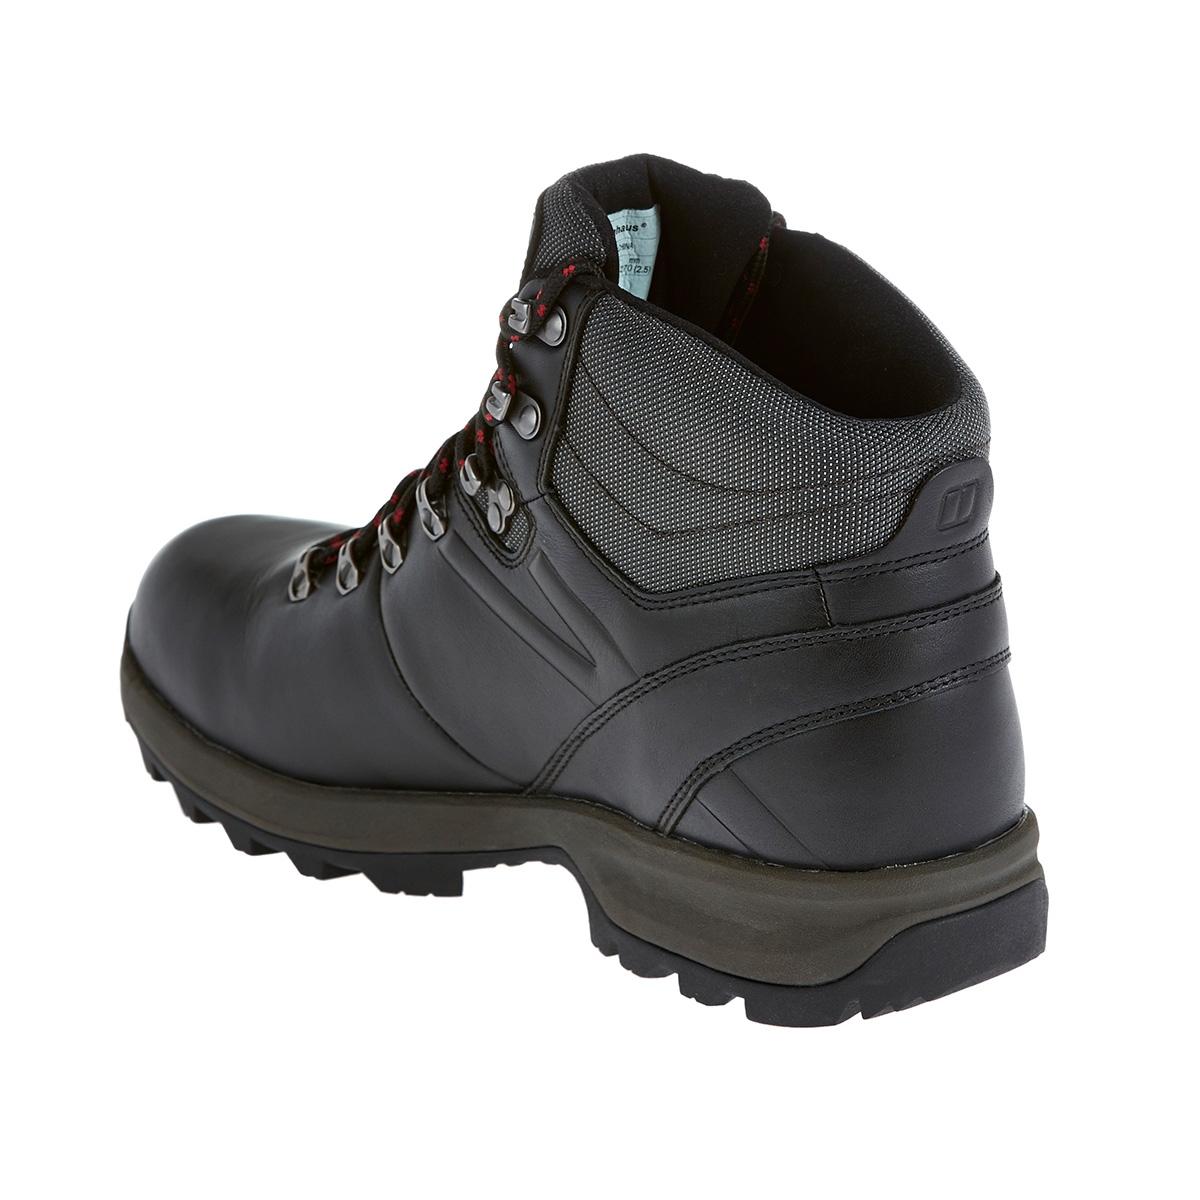 berghaus explorer ridge plus gtx walking boots s